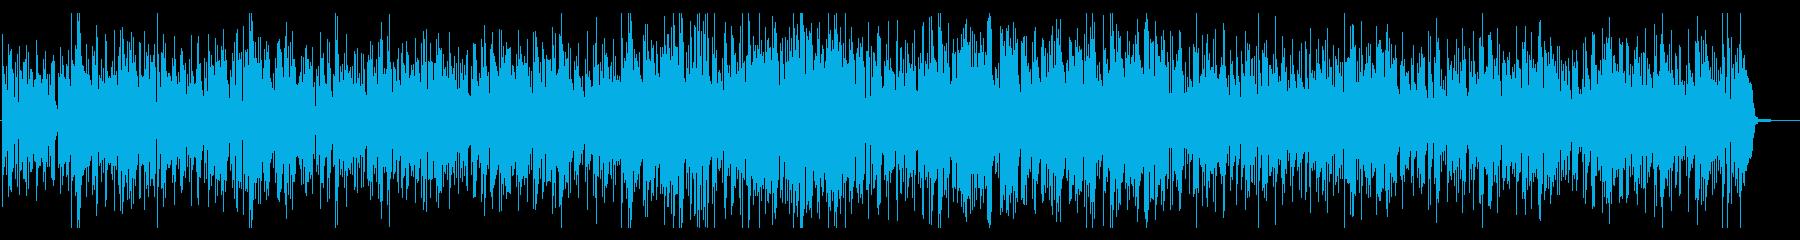 ほっと一息カフェ風 ボサノバの再生済みの波形